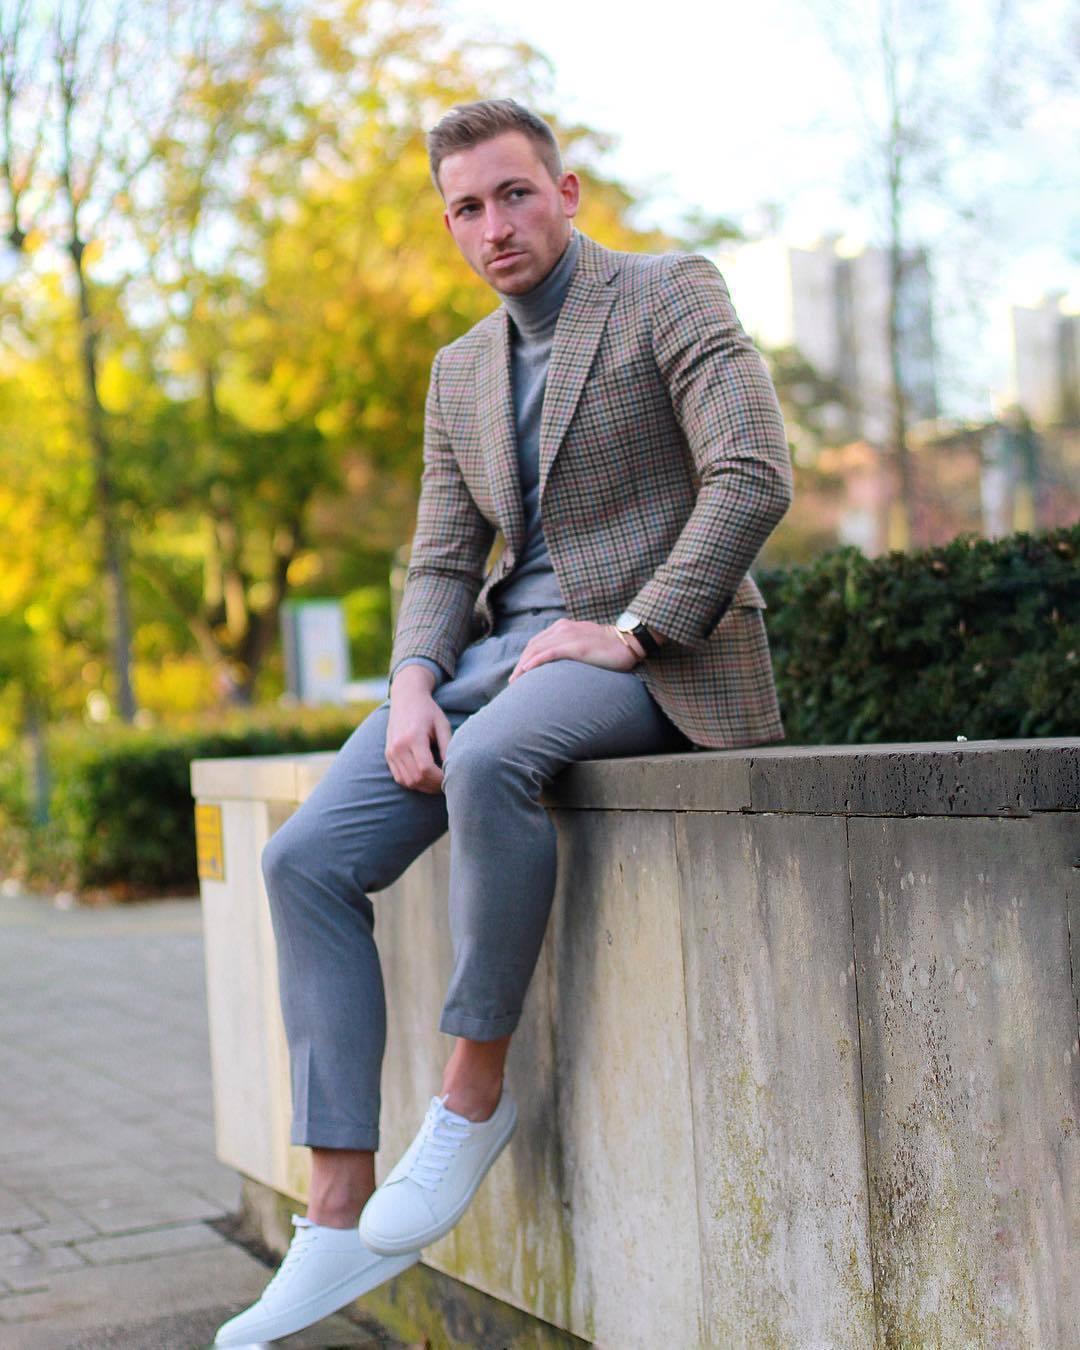 A Blazer Marrón Cuello De Cuadros Look Moda Jersey Gris Alto 7qxSgw4Av 123fef0af7ad